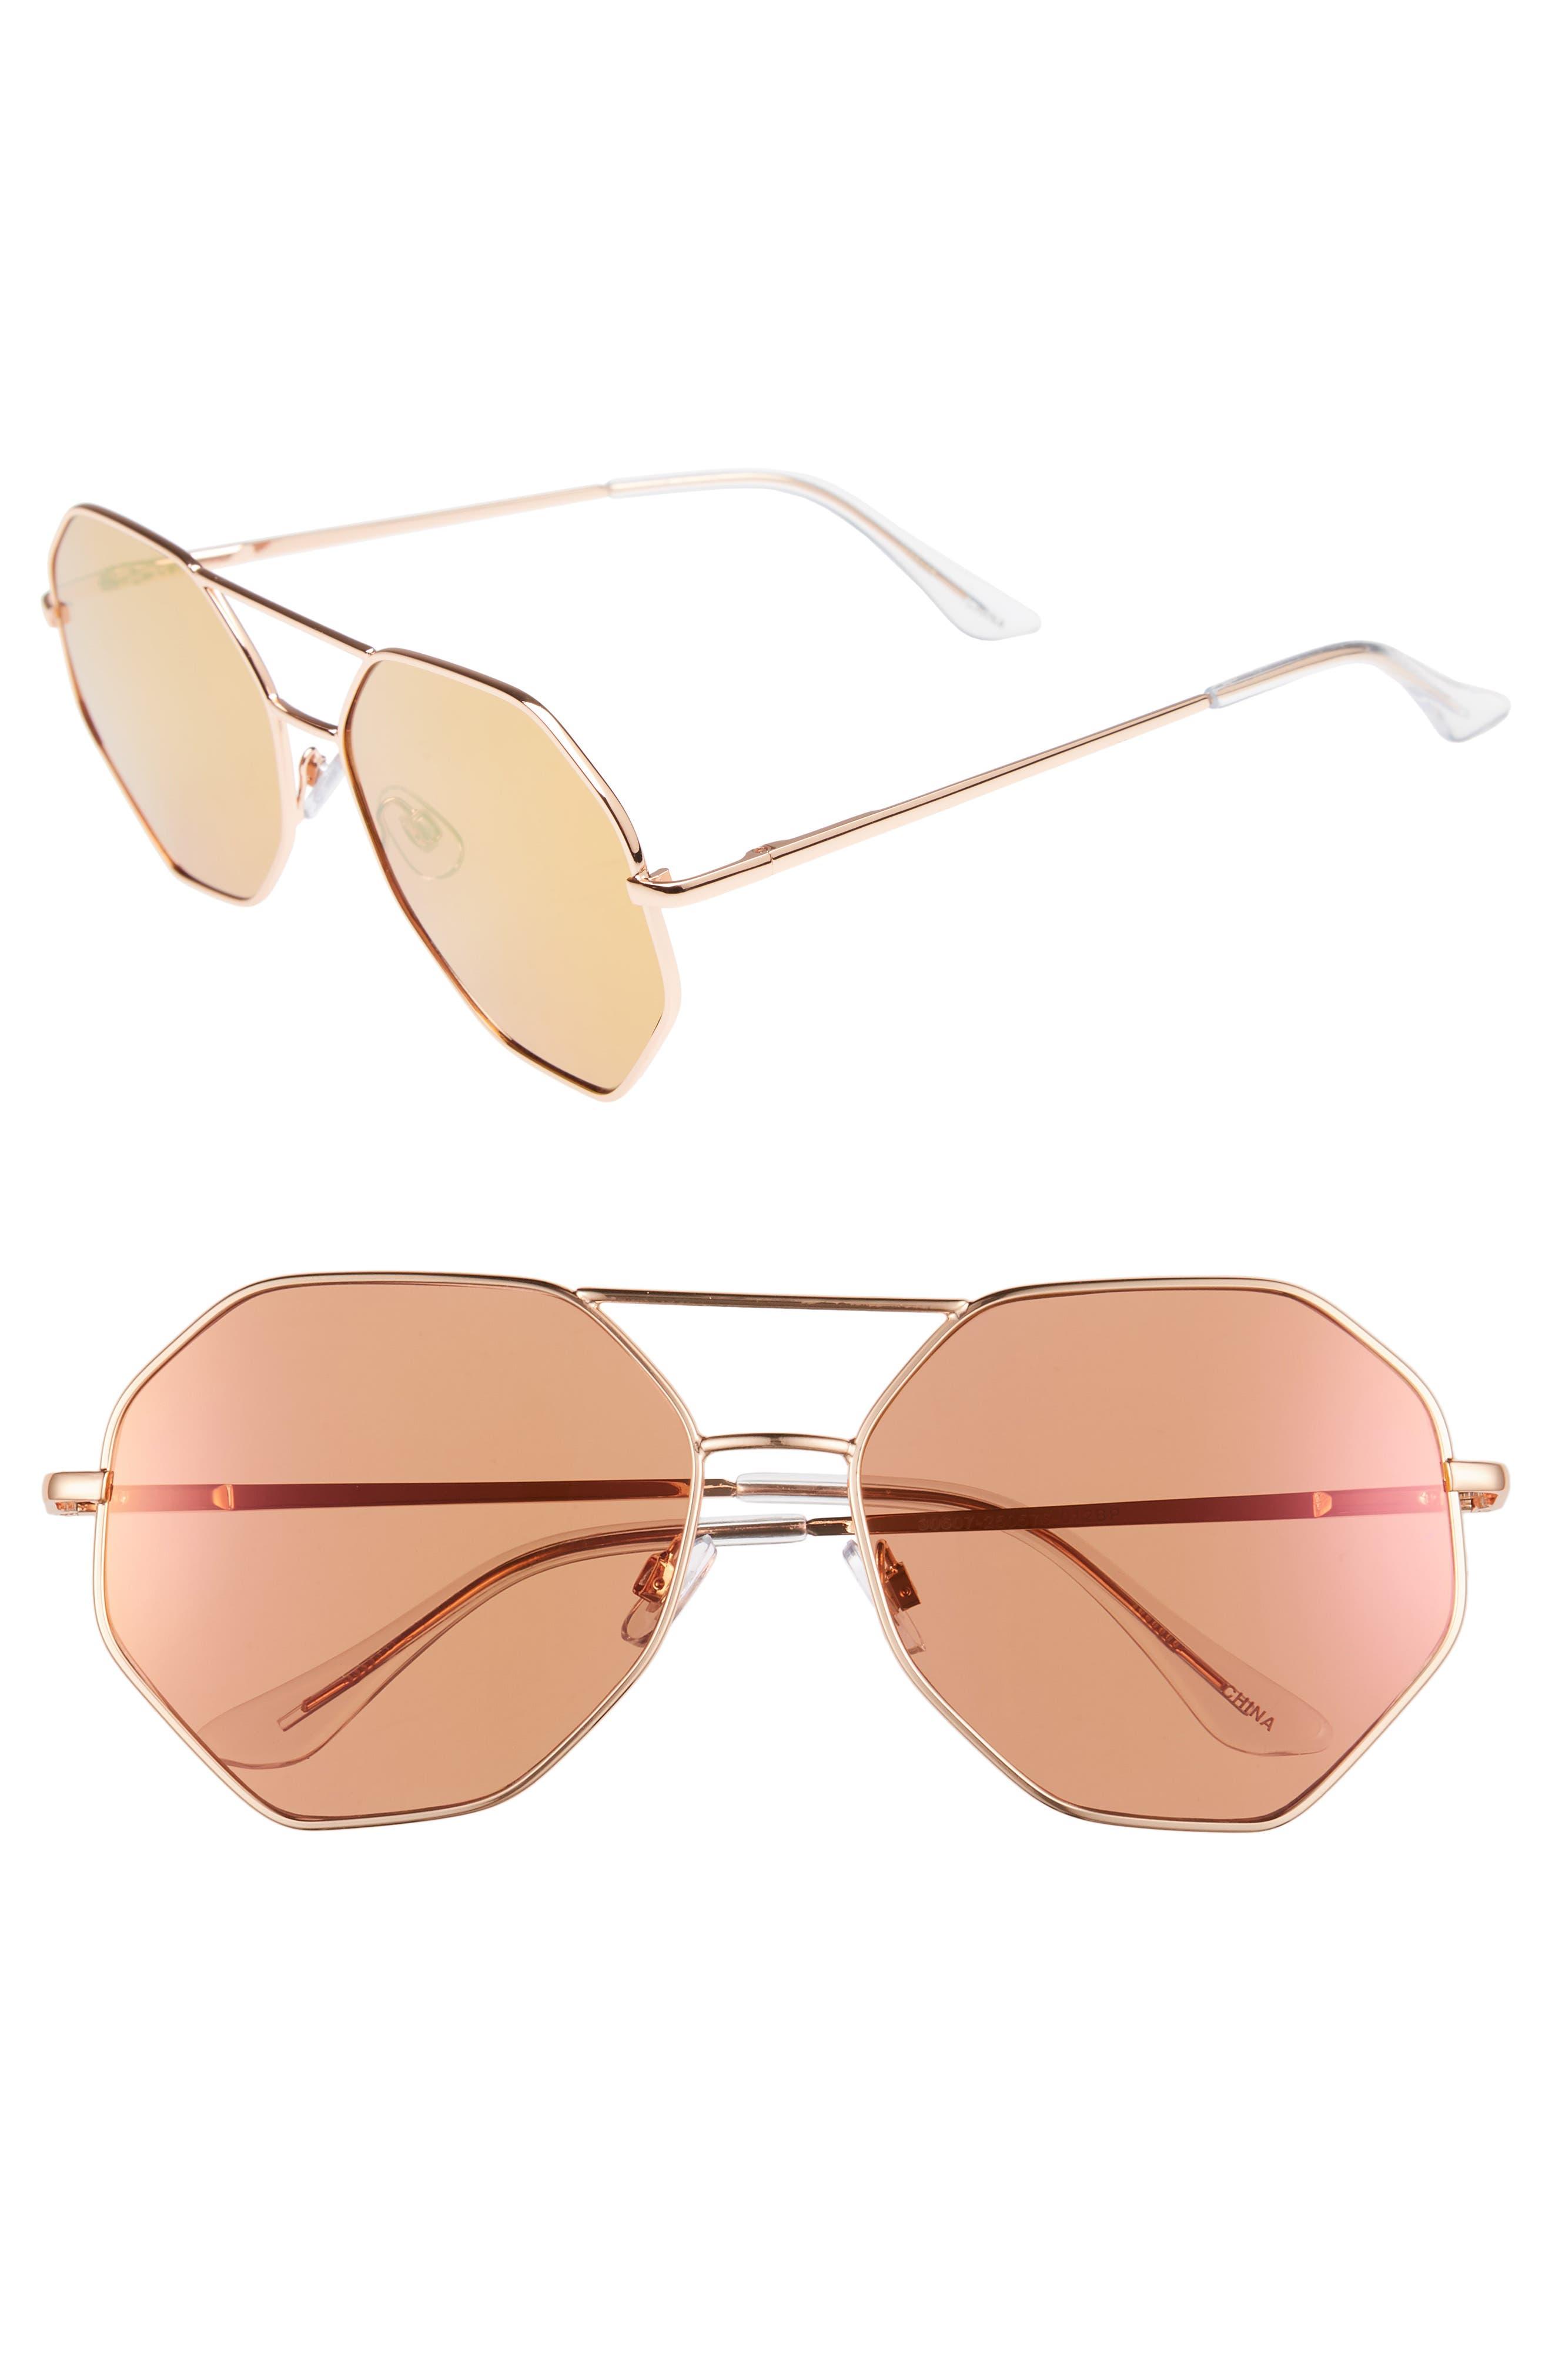 Hexcon Aviator Sunglasses,                         Main,                         color, 710